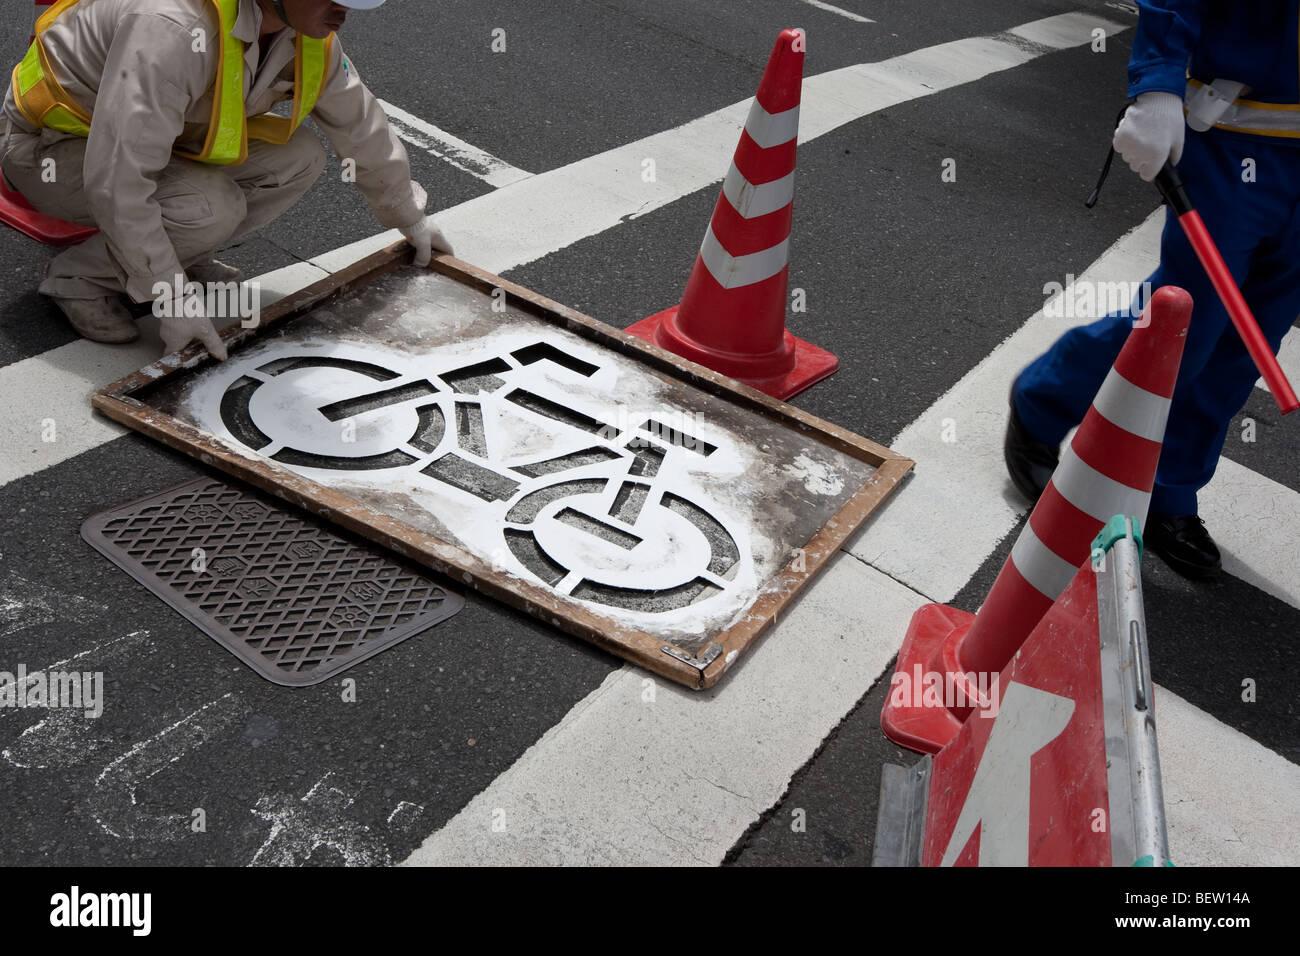 Voie cyclable peinture marquage routier à Tokyo, Japon, le mardi 27 juillet 2009. Photo Stock